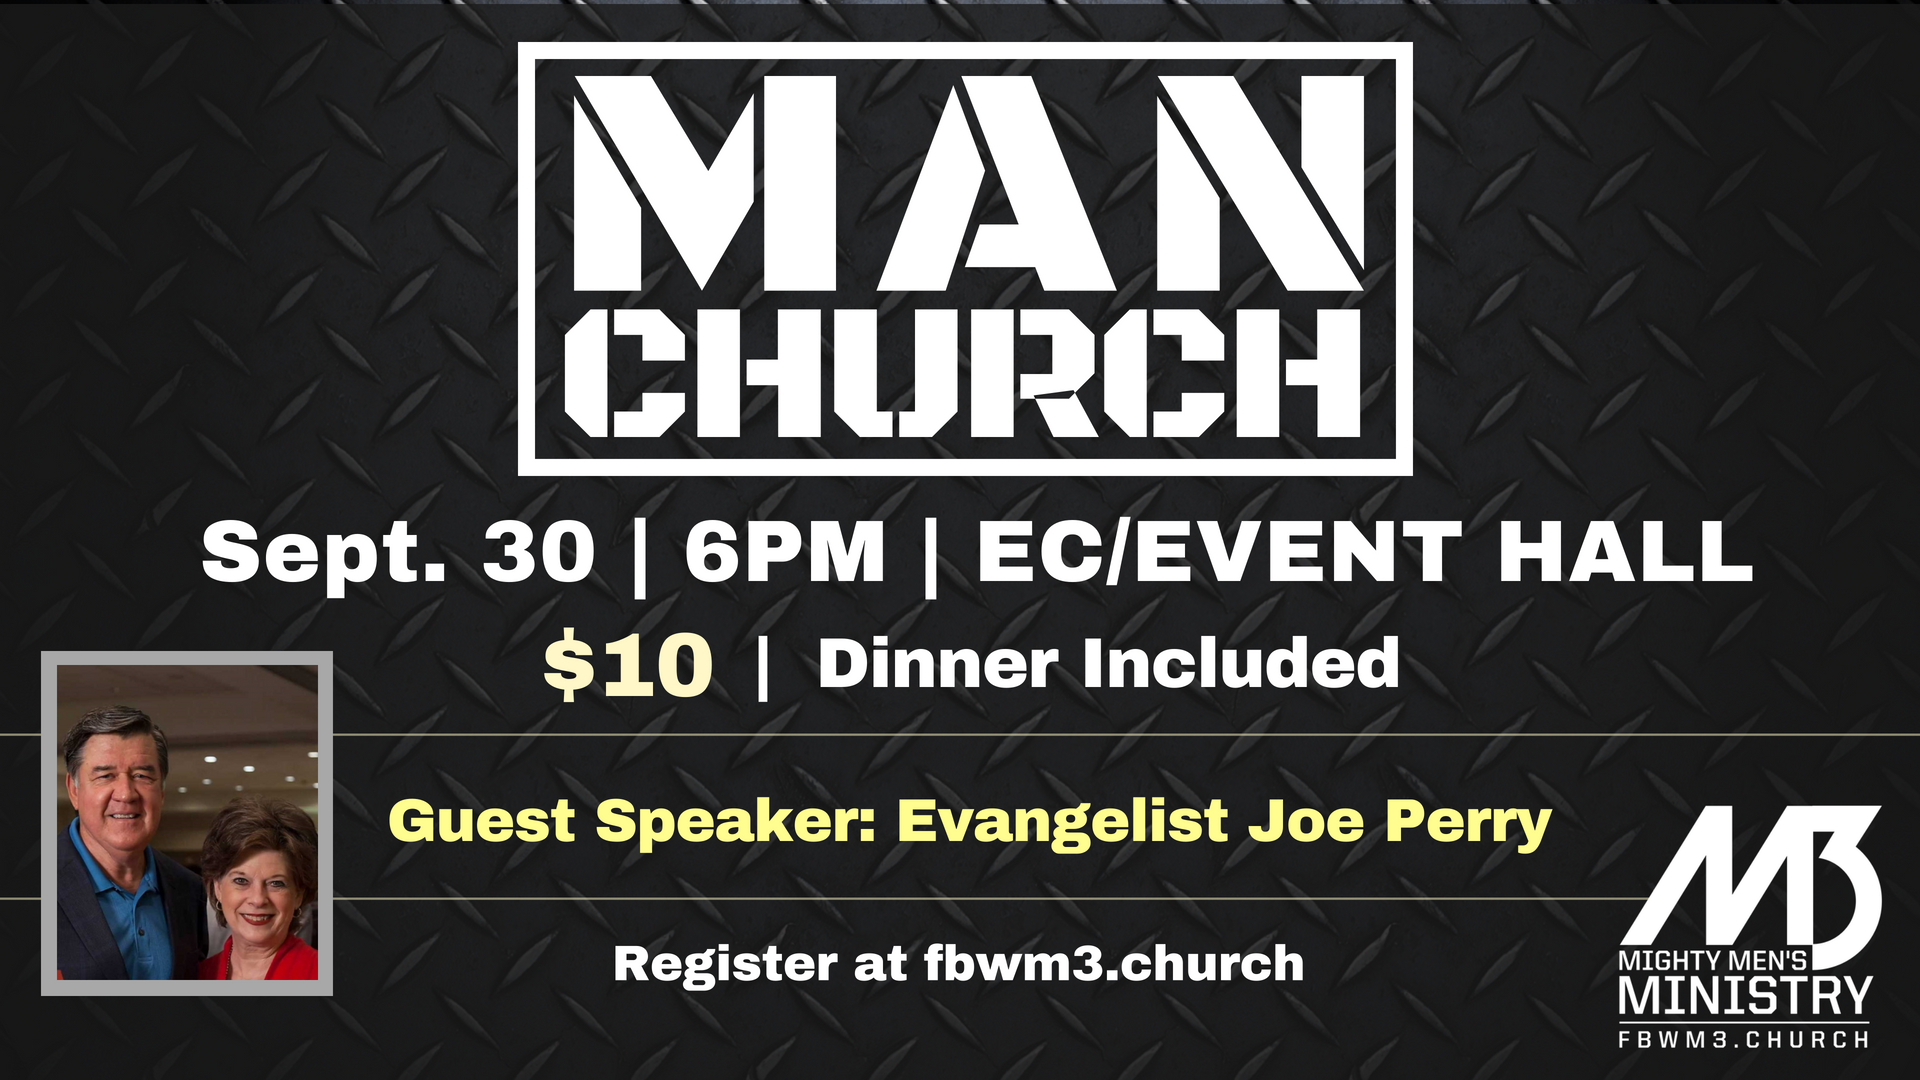 Man church pp slide september 30  1